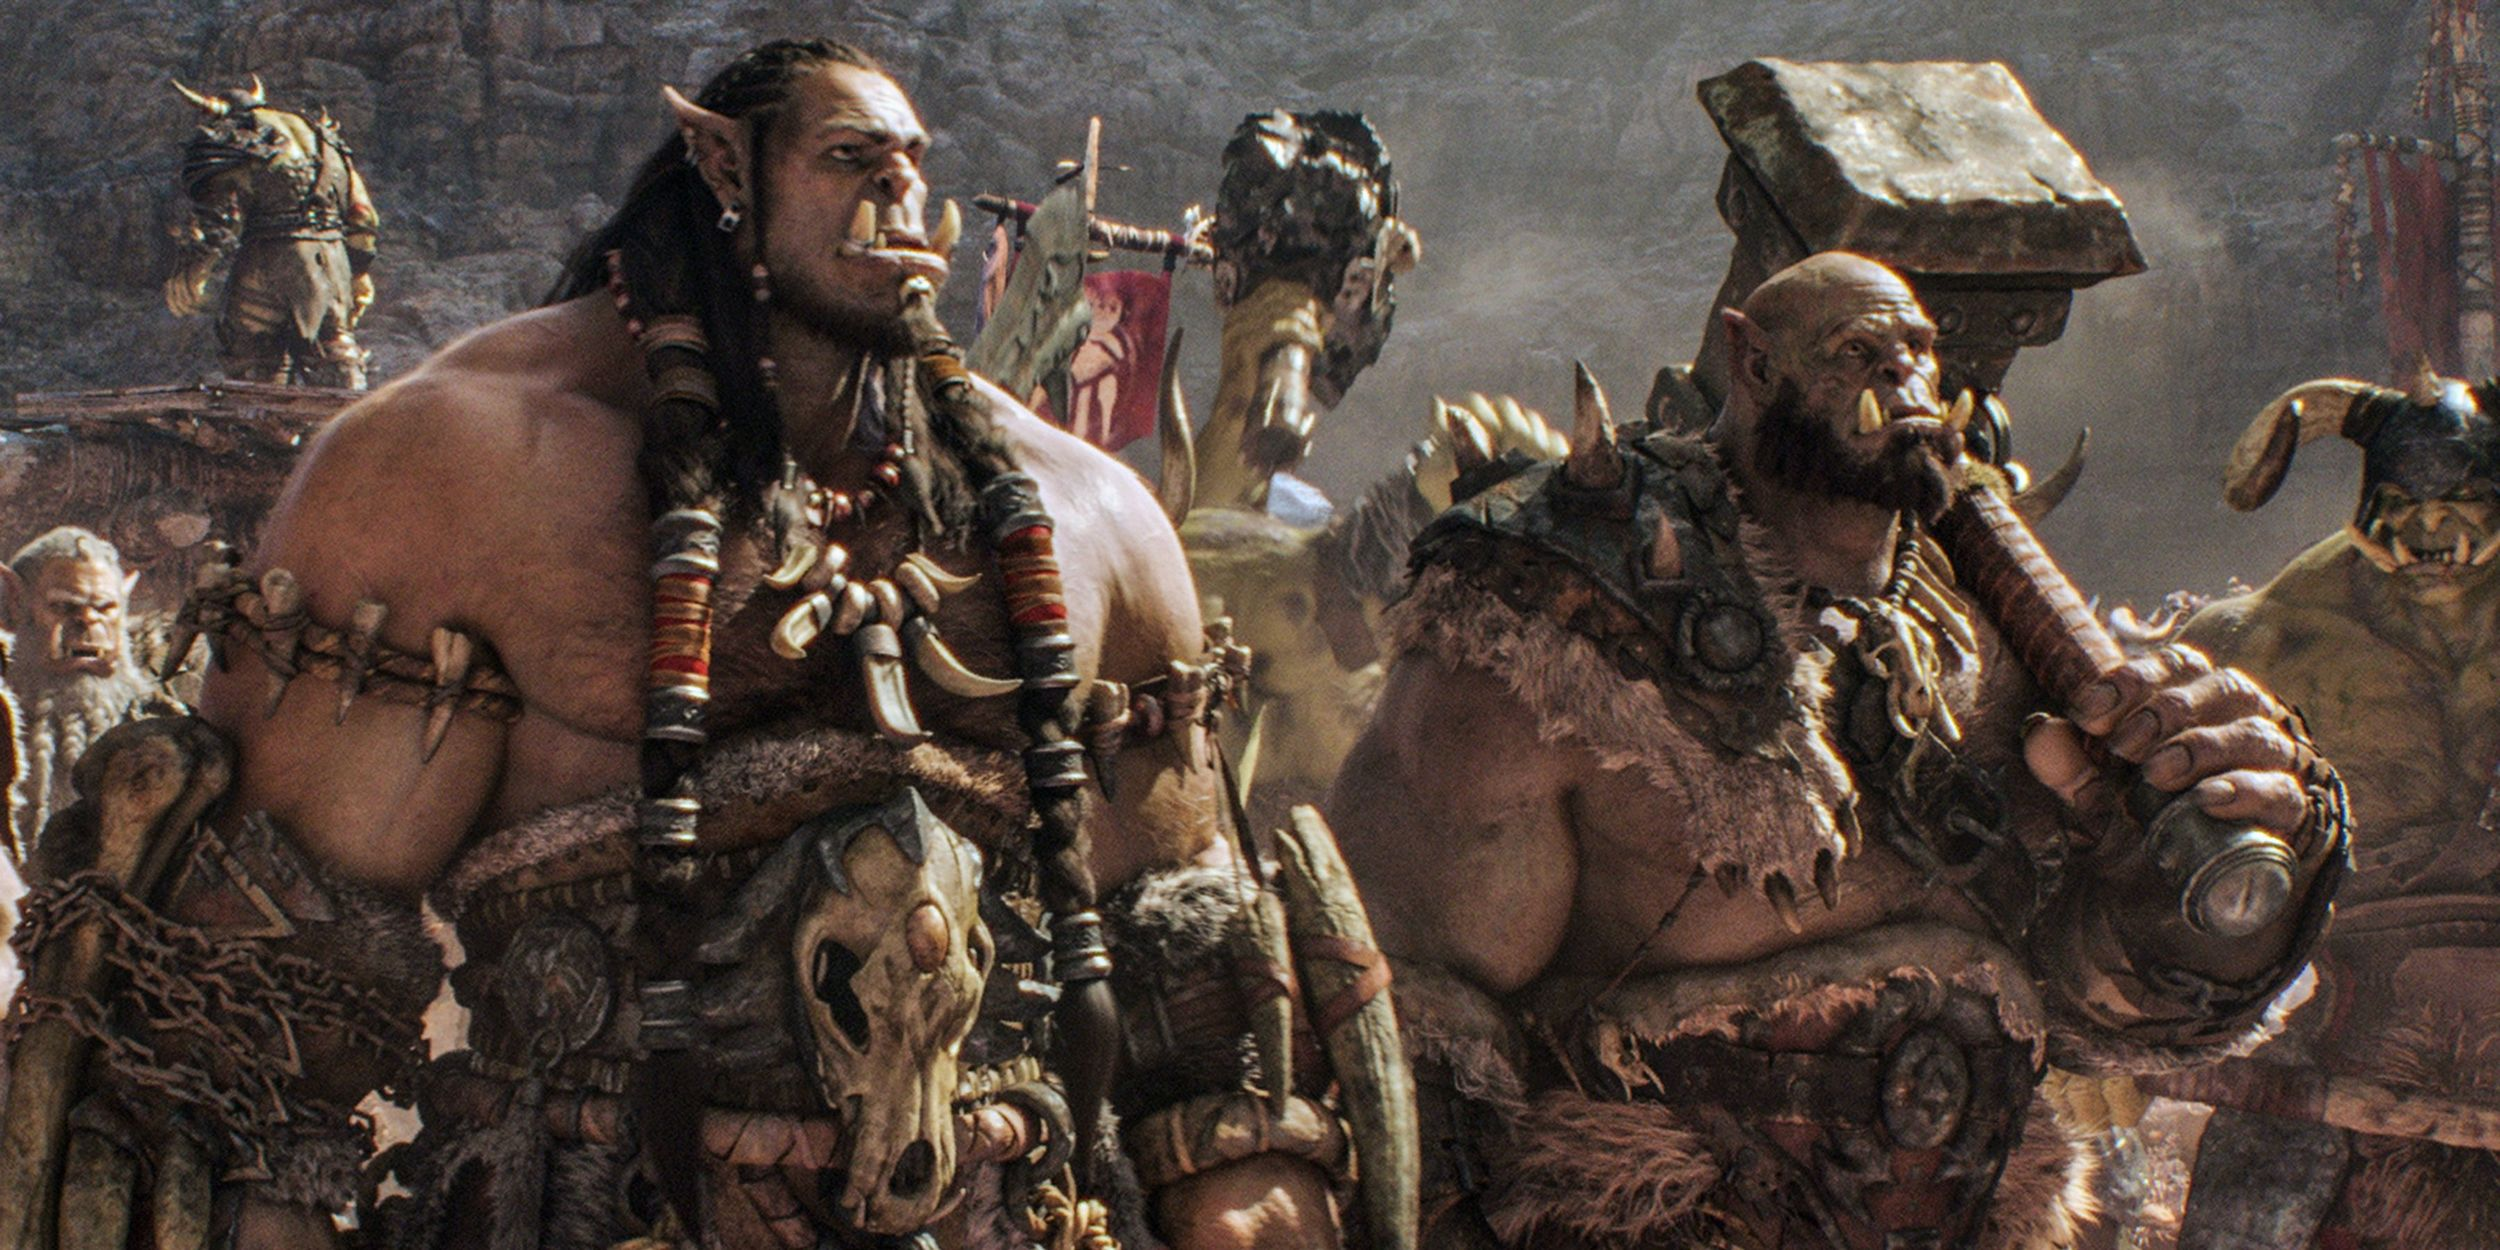 Warcraft-Movie-Durotan-and-Orgrim.jpg